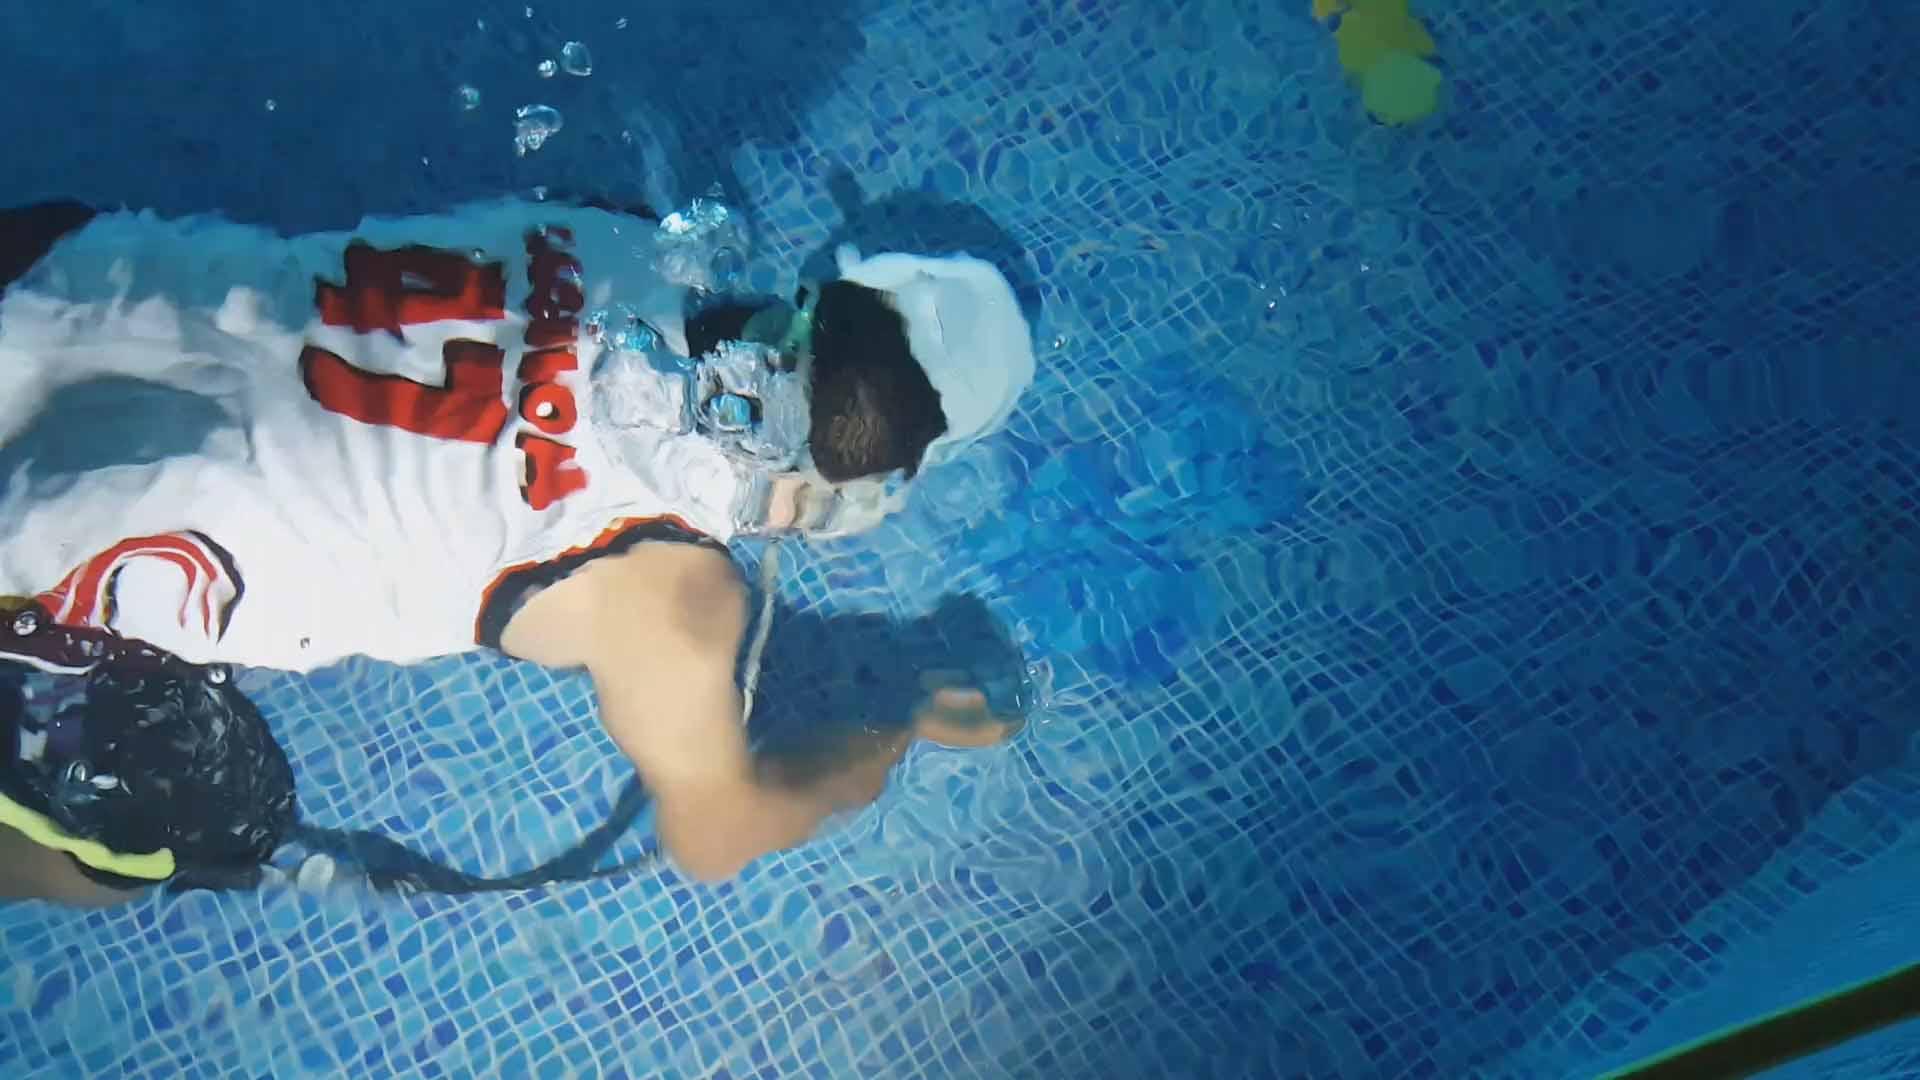 Swimming pool leak repair company in dubai l pool leak - Swimming pool leak detection and repair ...